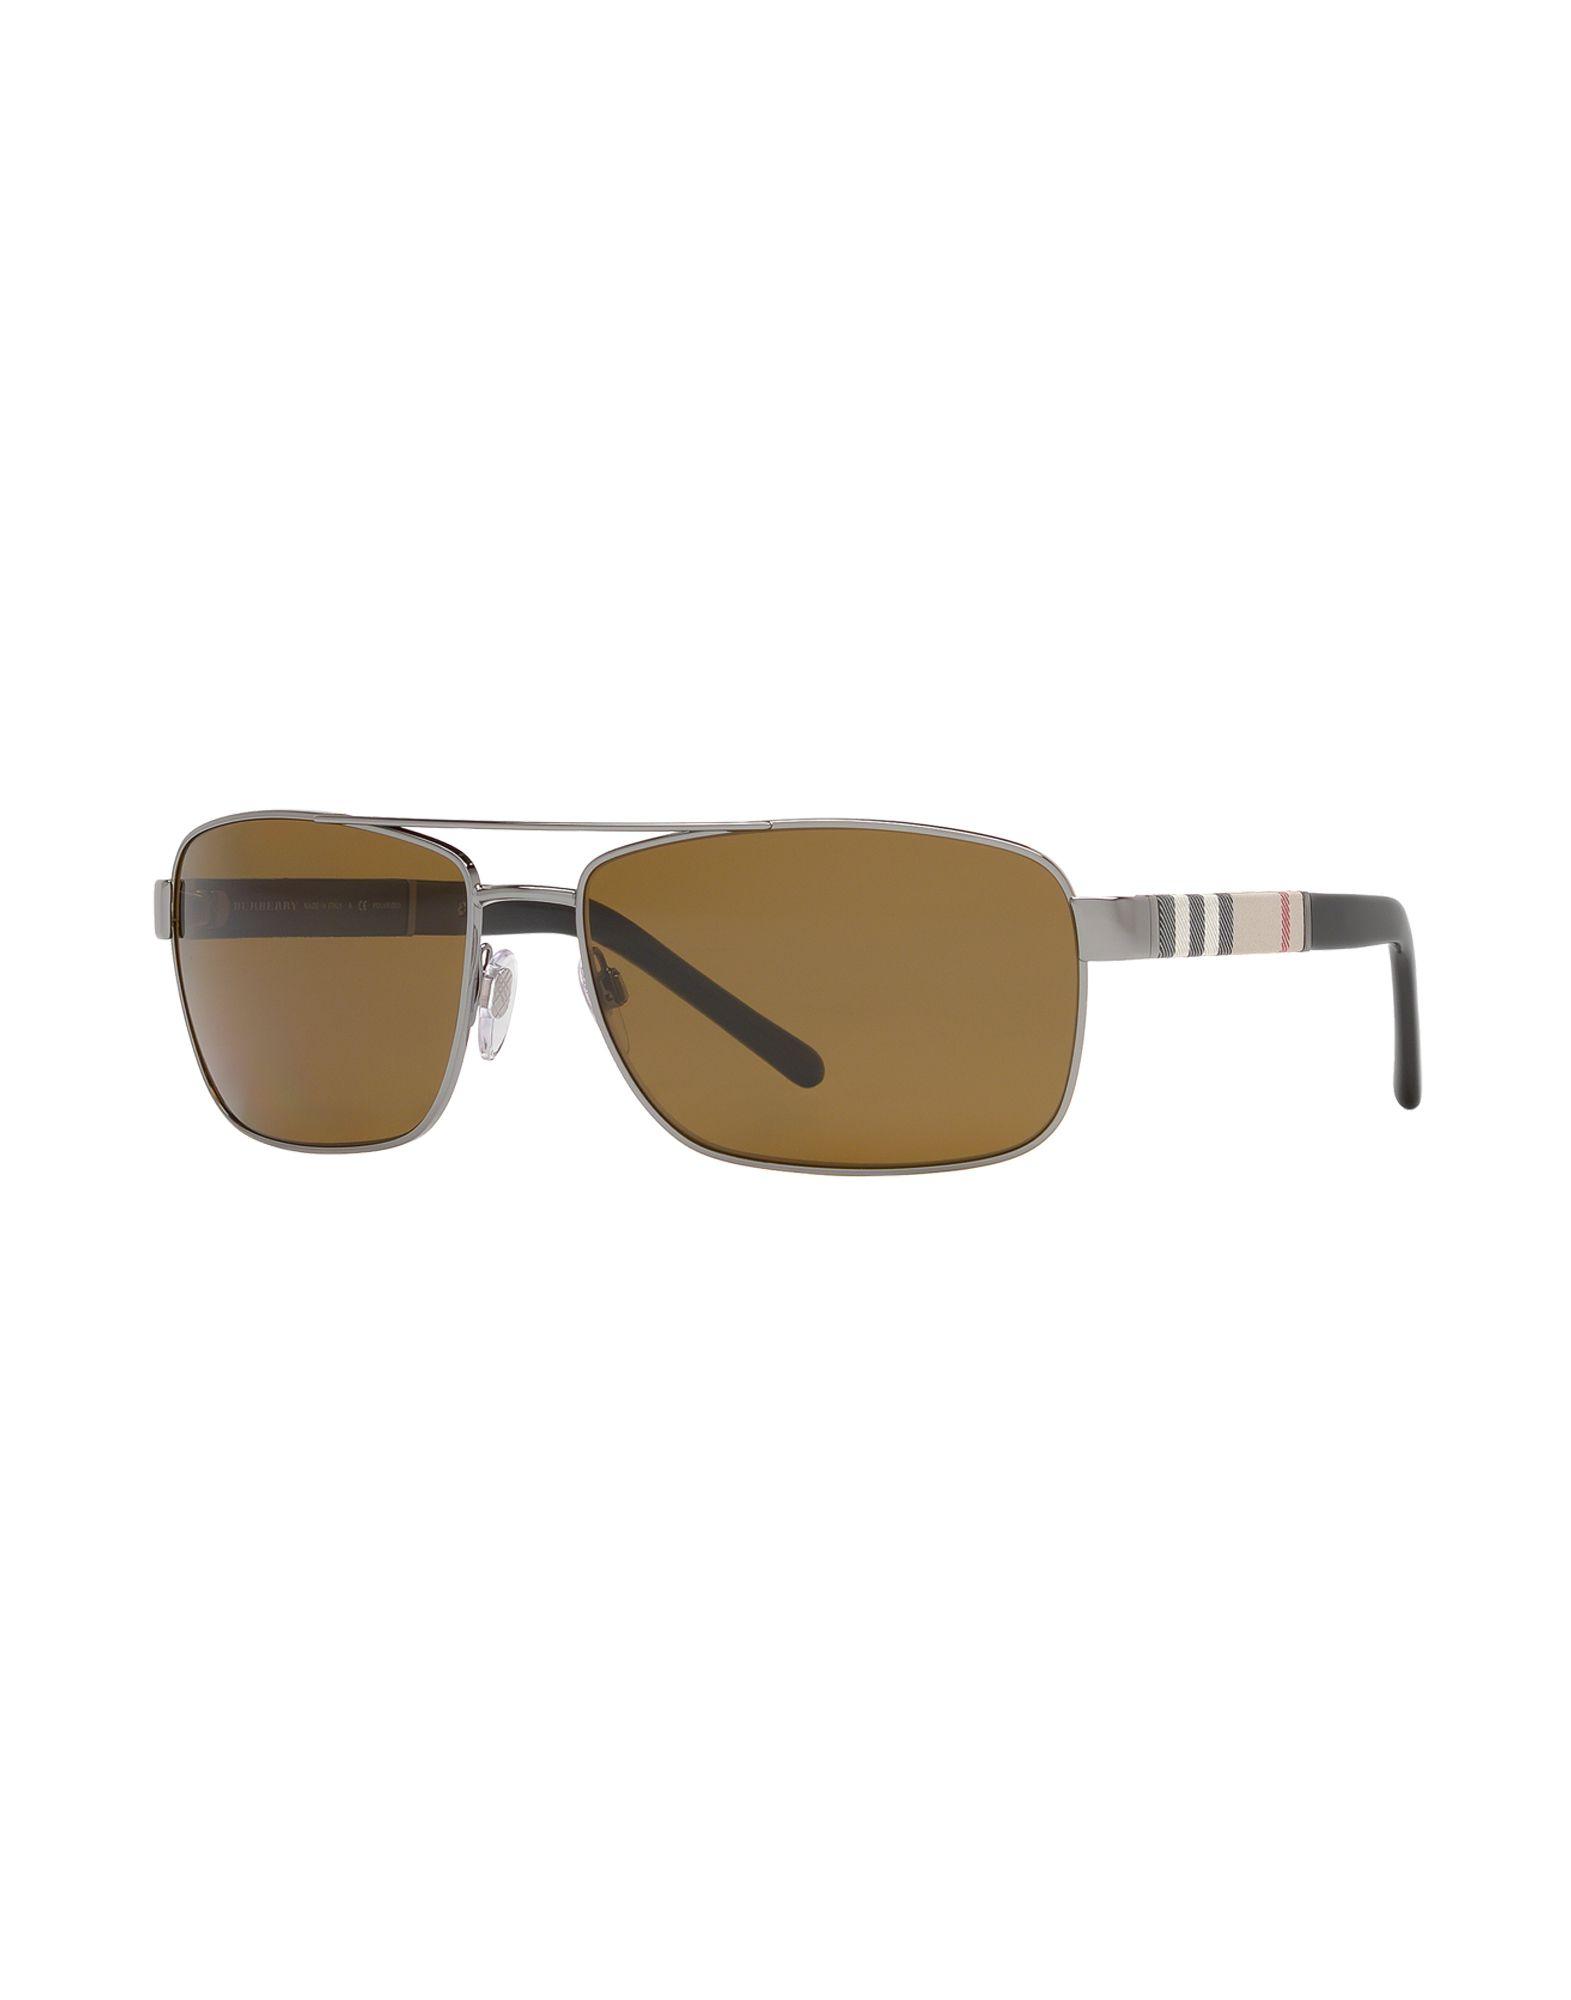 BURBERRY Herren Sonnenbrille Farbe Silber Größe 1